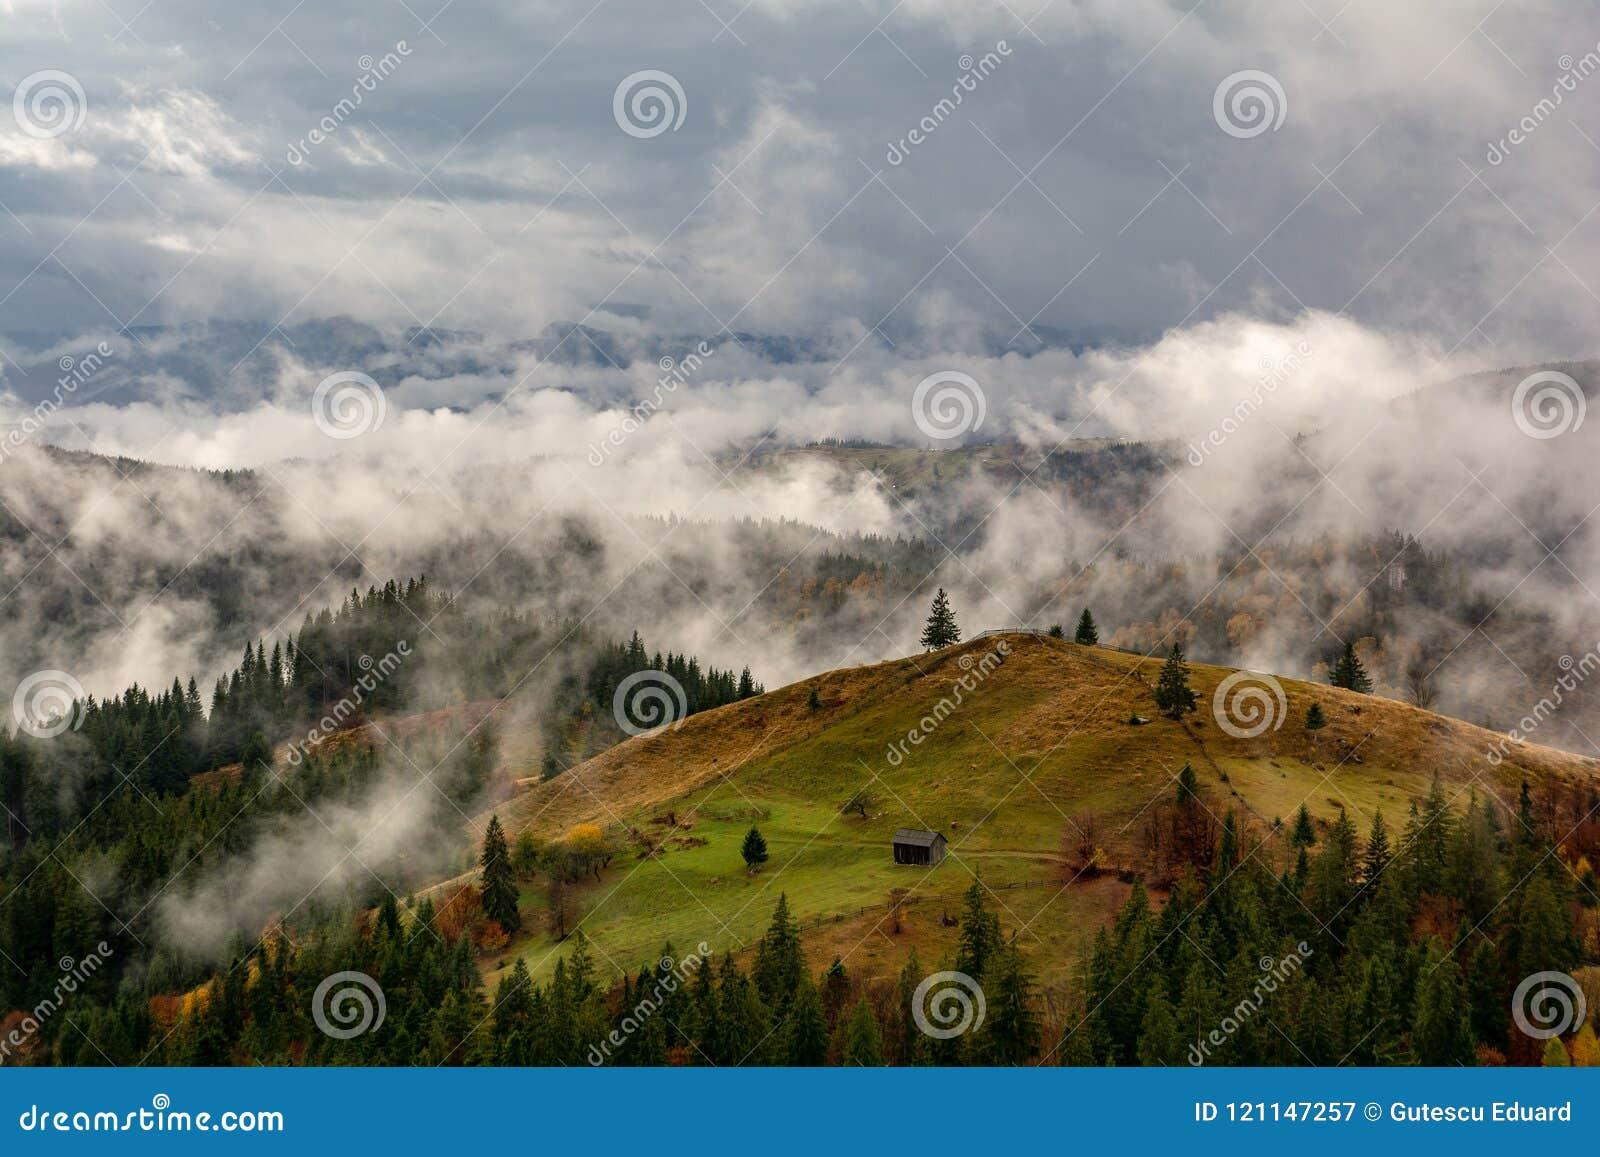 Bucovina höstlandskap i Rumänien med mist och berg